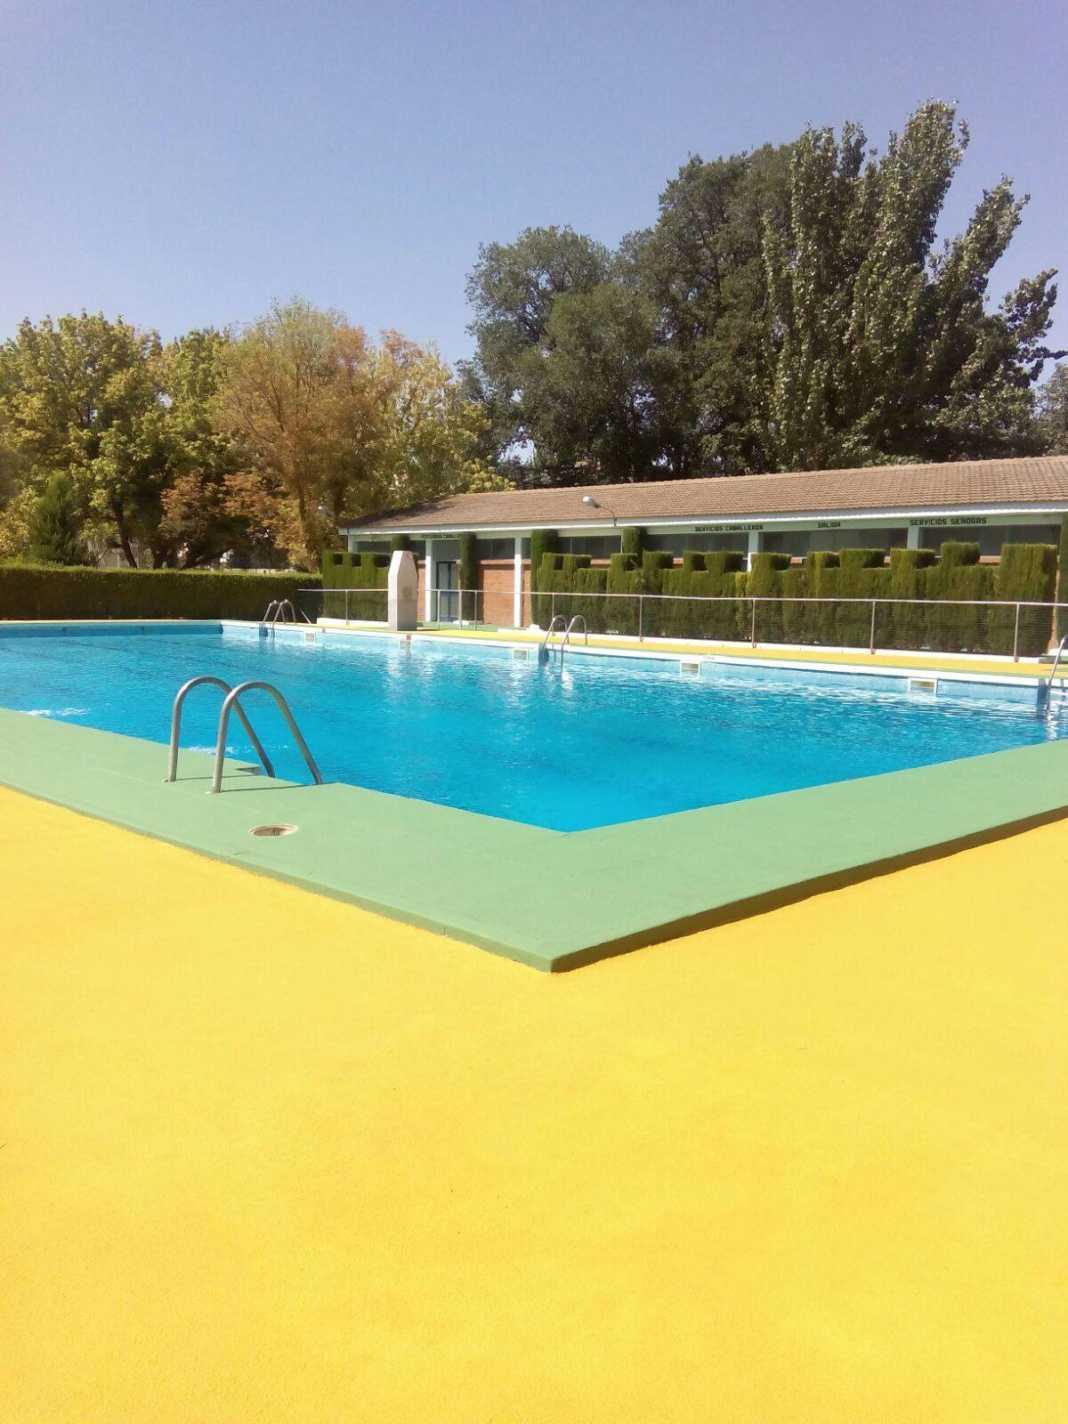 mantenimiento piscina municipal 2017 herencia 7 1068x1424 - La piscina municipal cerrada por mantenimiento en pleno verano